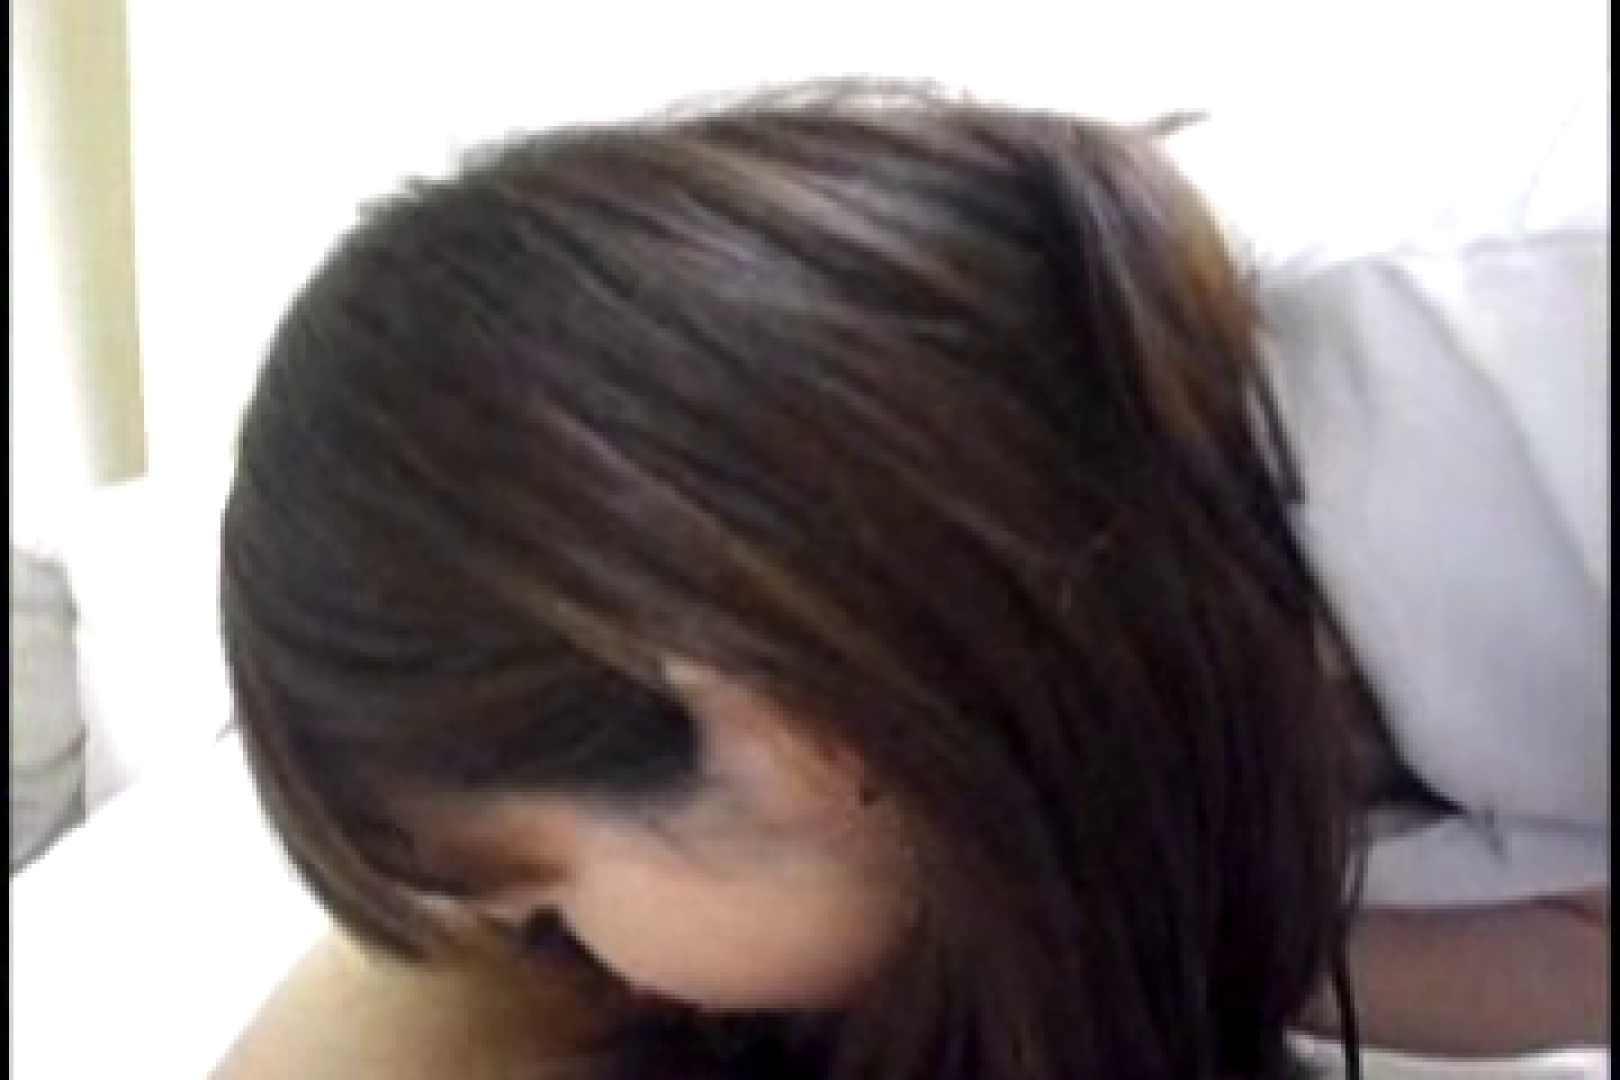 ヤリマンと呼ばれた看護士さんvol1 OL裸体 | シックスナイン  61画像 49